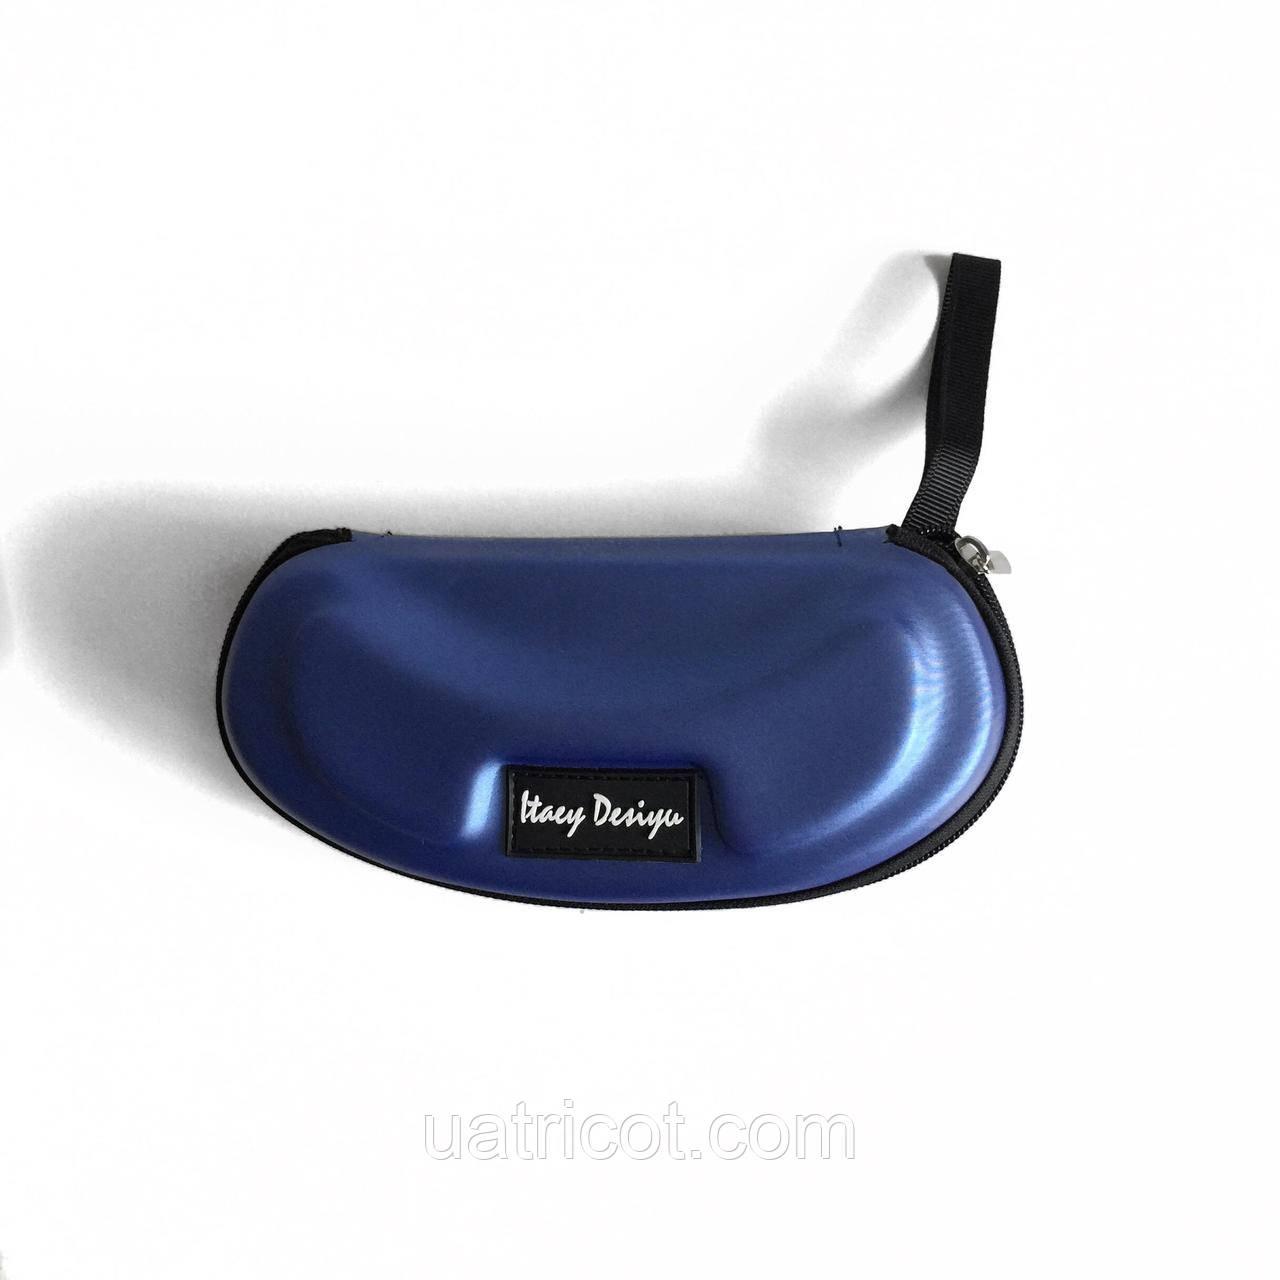 Синий чехол для солнцезащитных очков на змейке